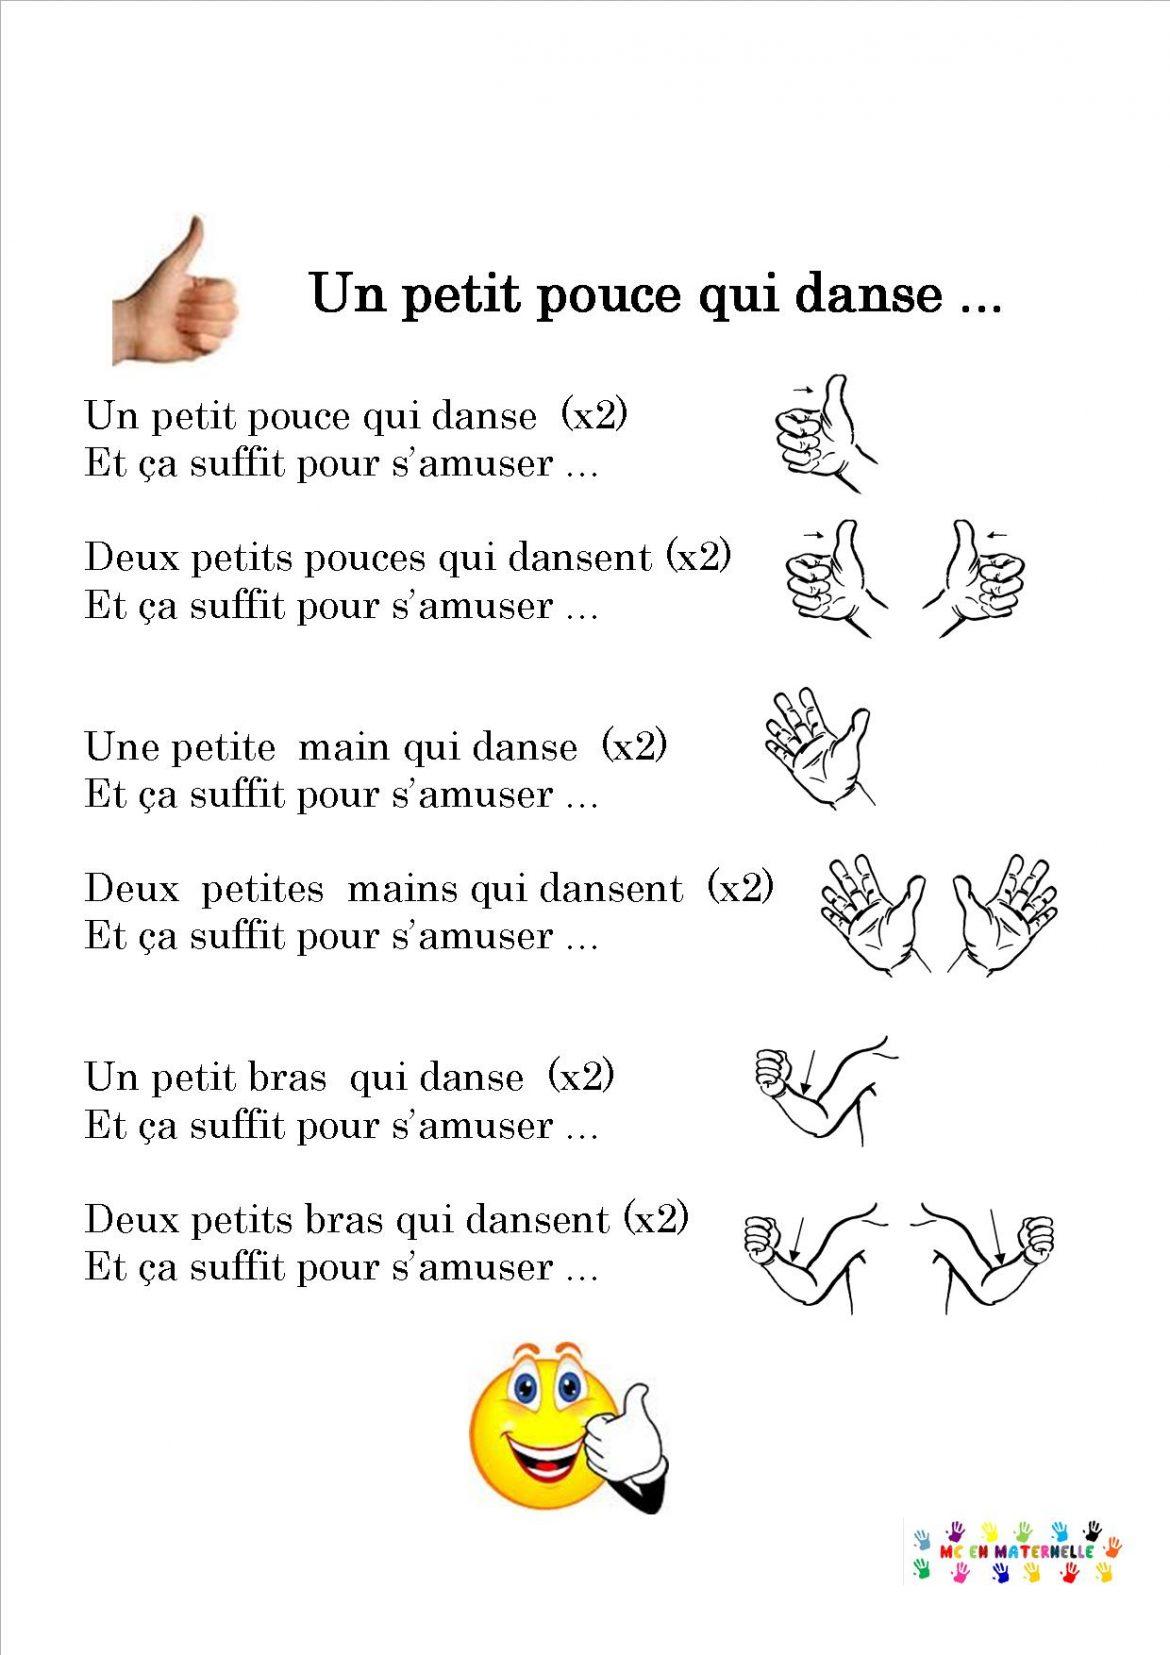 Chansons comptines page 6 mc en maternelle - Petite souris qui danse ...